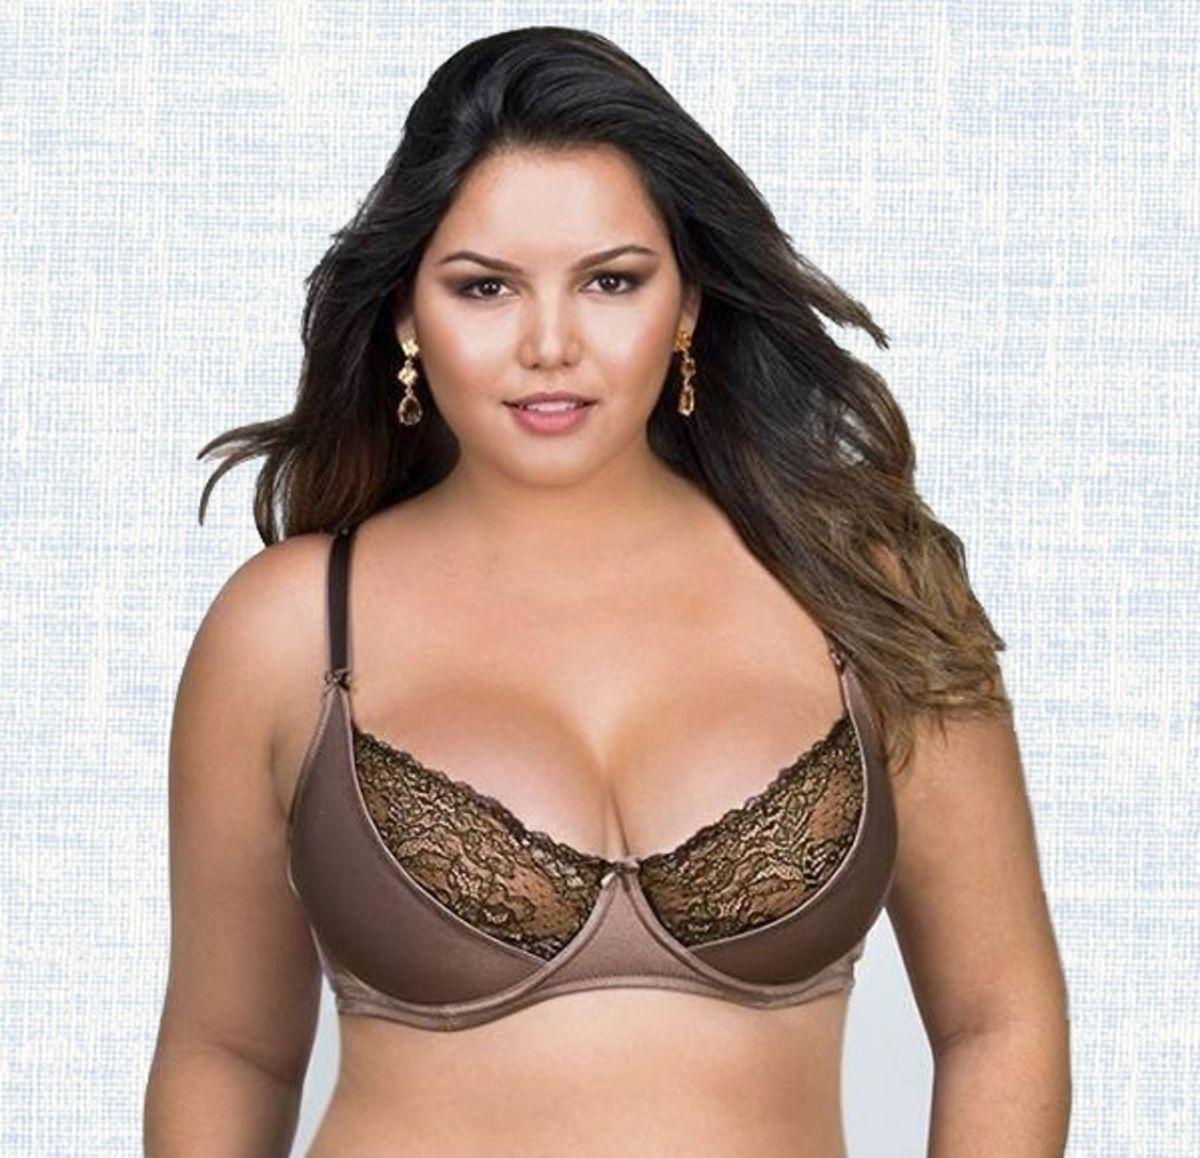 b1e1bca16 sutiã topázio plus size - lingerie demillus.  Czm6ly9wag90b3muzw5qb2vplmnvbs5ici9wcm9kdwn0cy82nzq3odk0lzyxmzhlywe0odawmzvmnzawzwe4mzmxmdcxnwnkzgq5lmpwzw